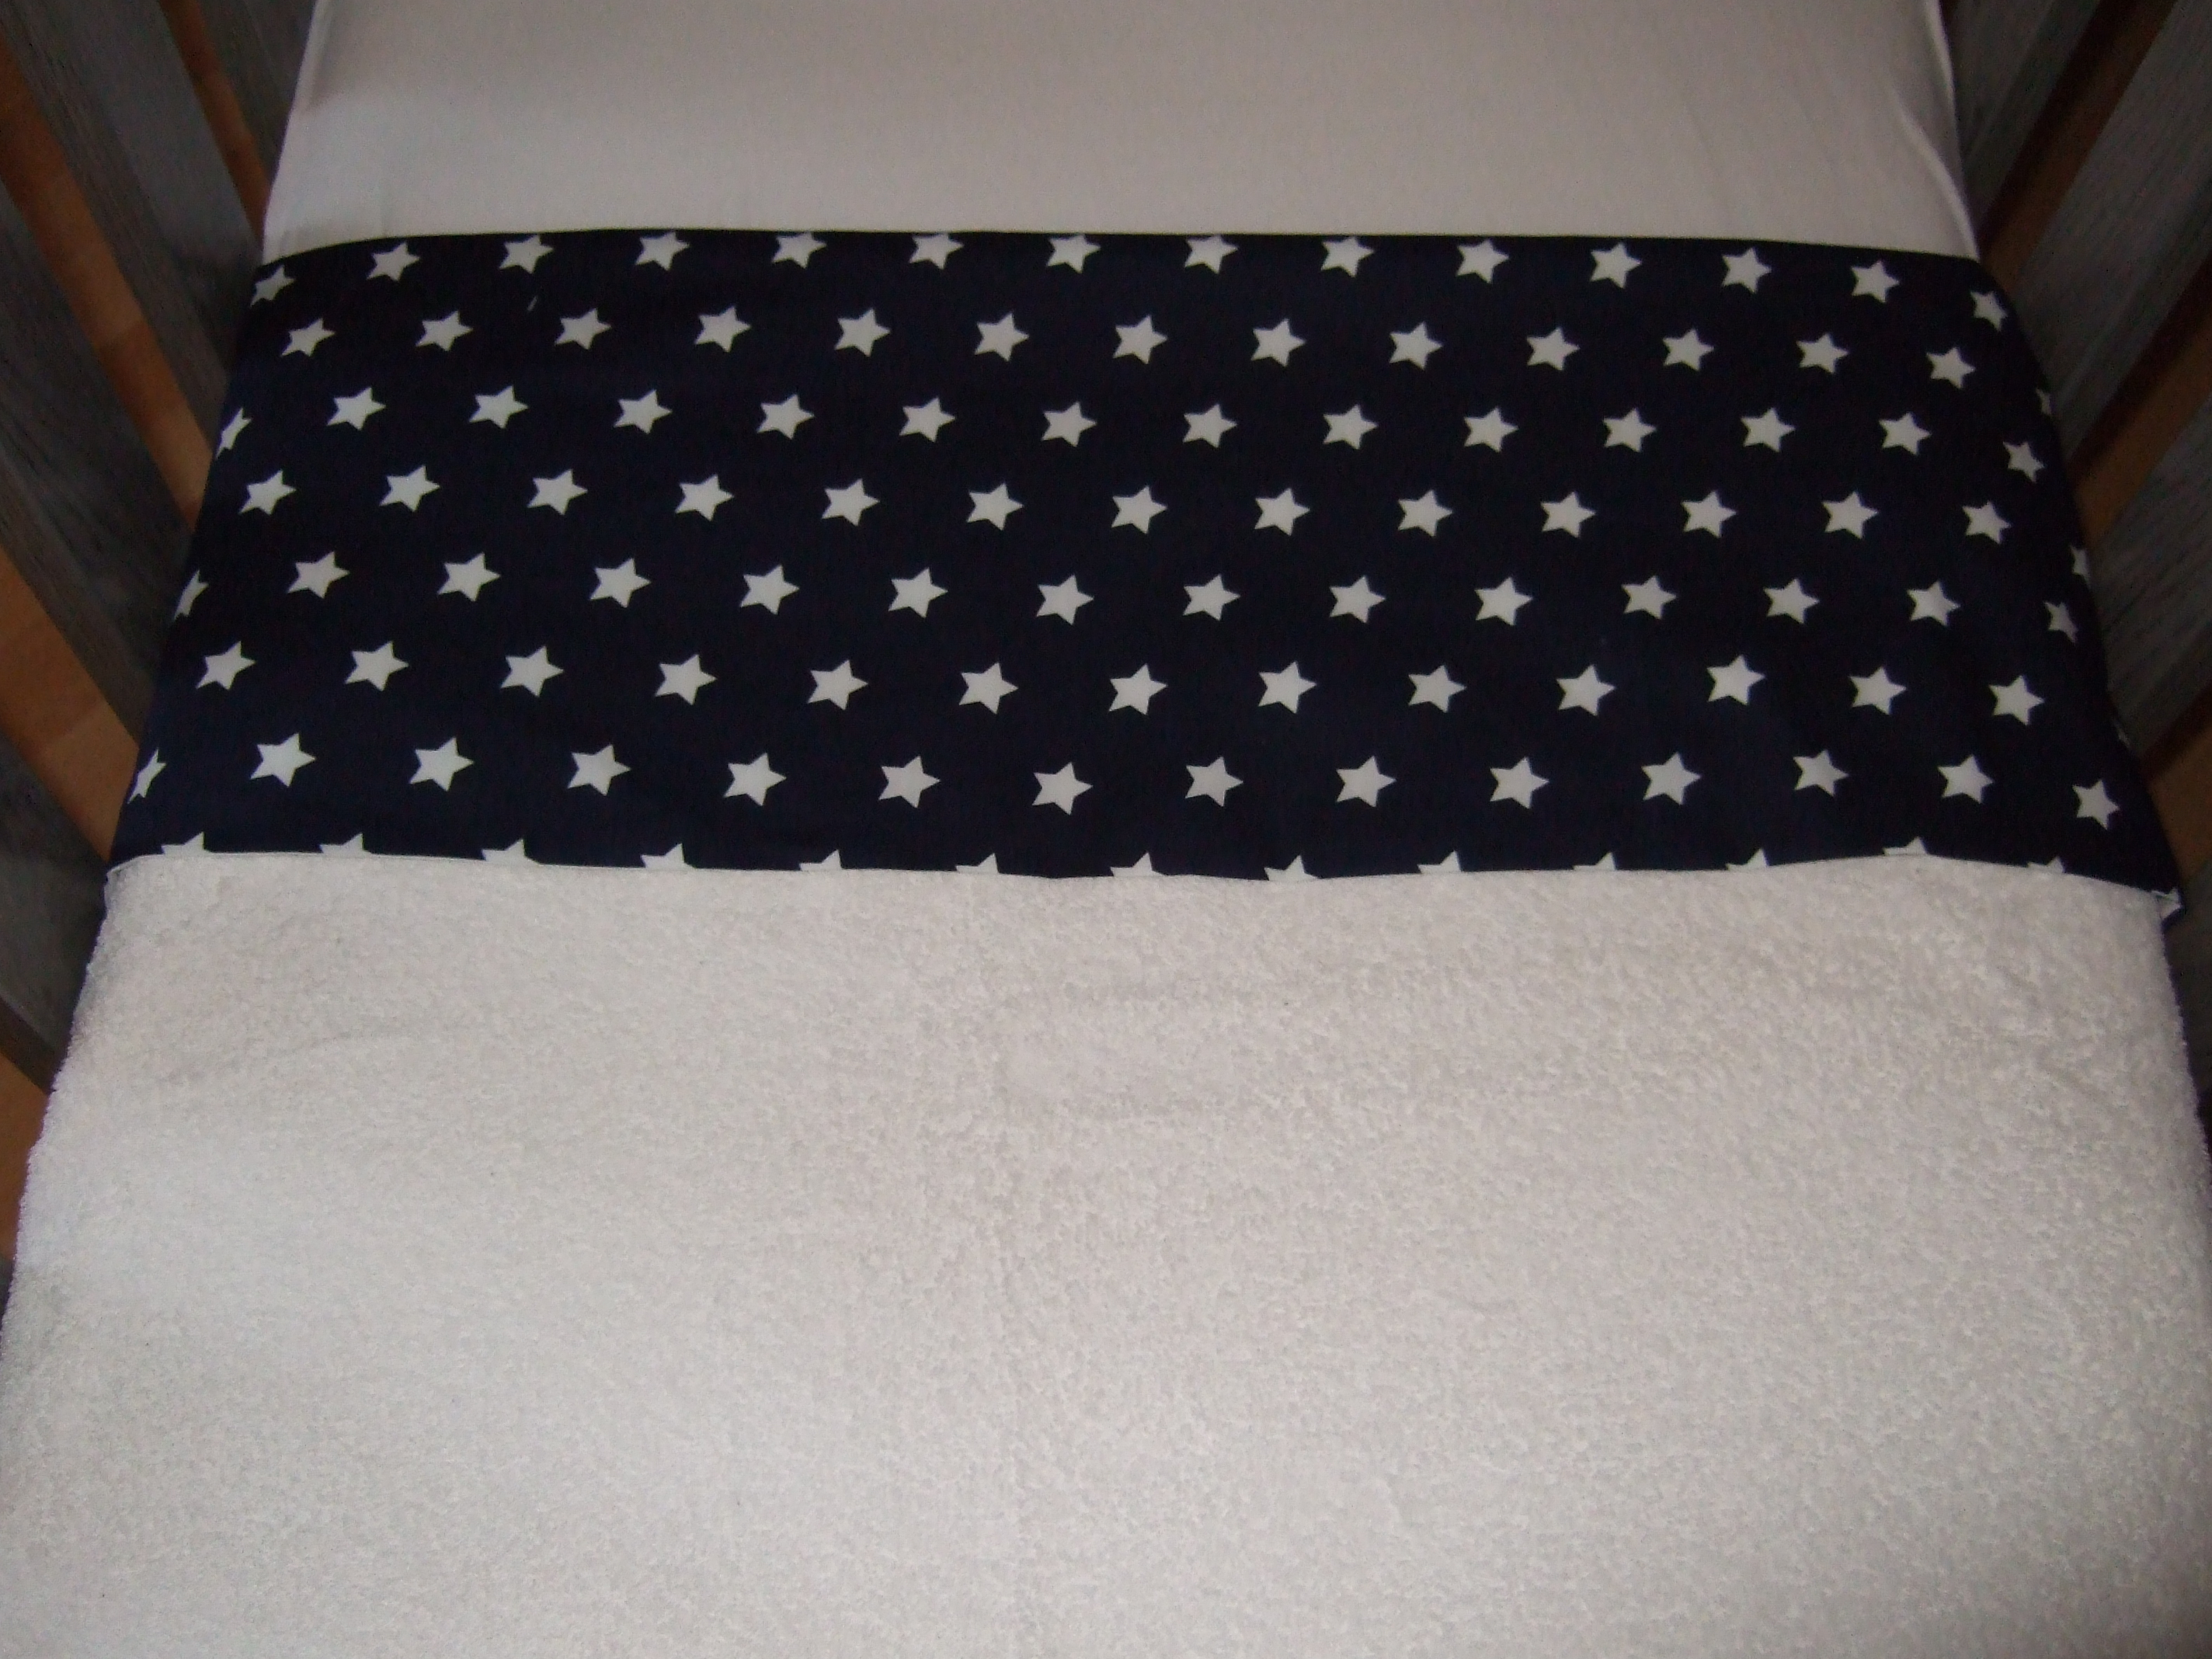 Lakentje wieg met blauw met witte sterren omslagrand